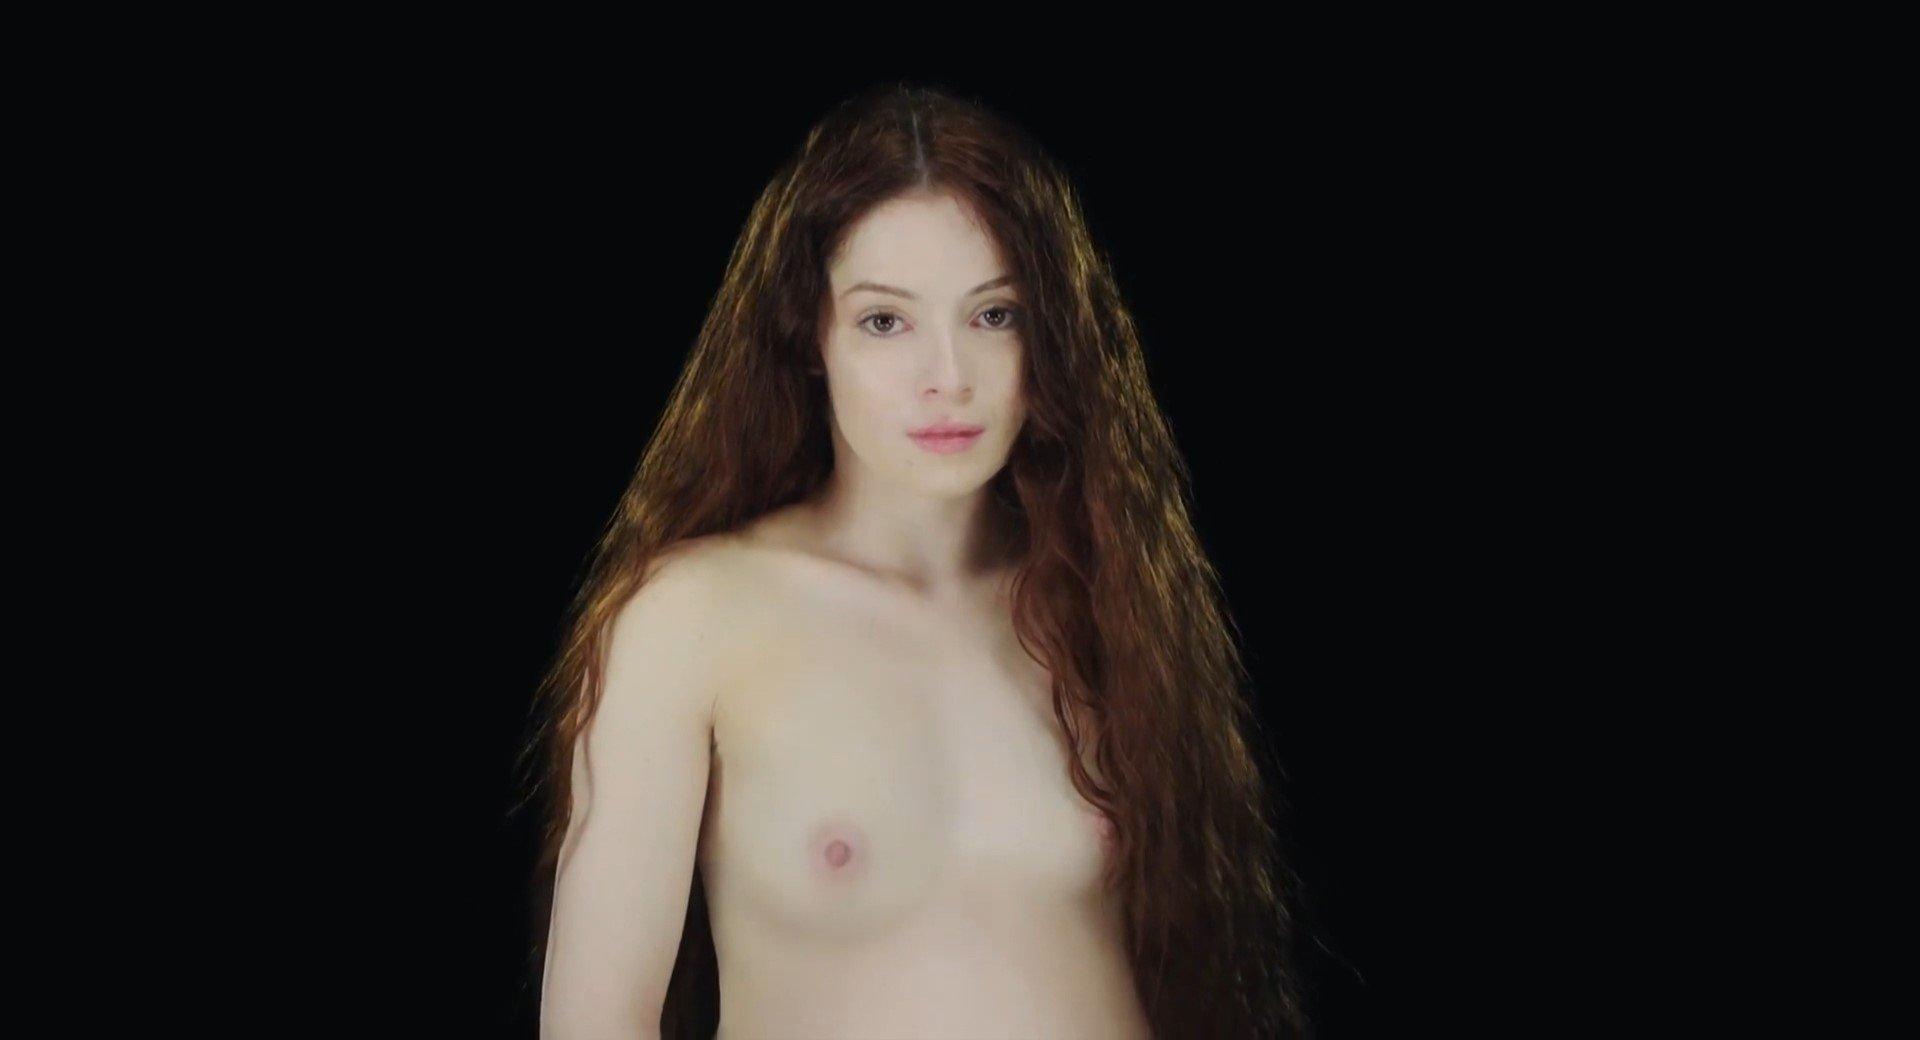 Camilla bgc naked hd